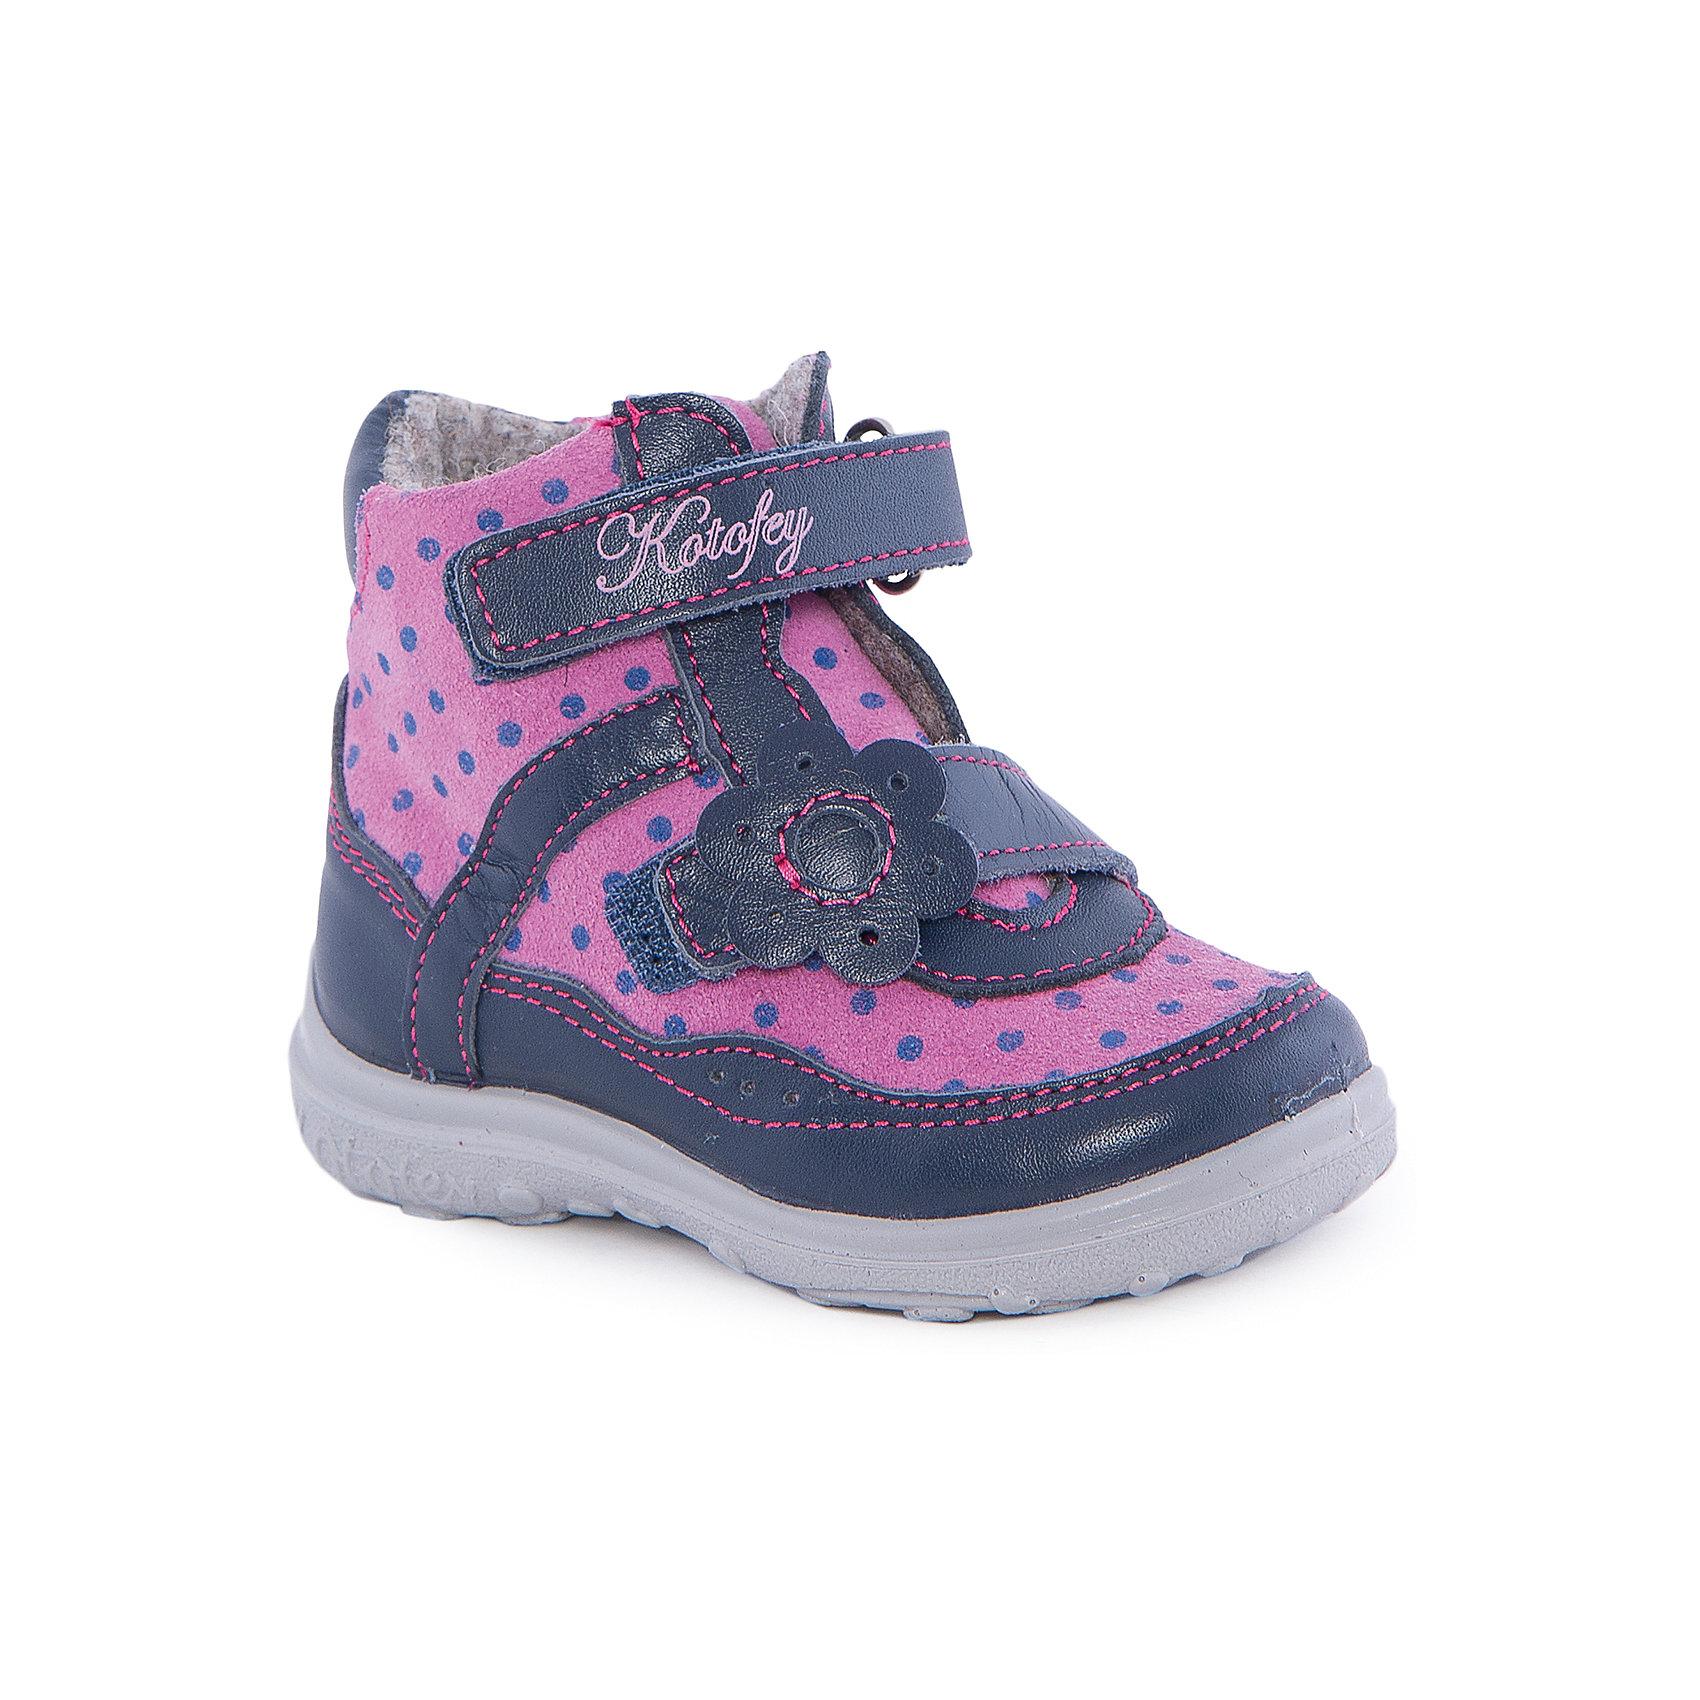 Ботинки для девочки КотофейБотинки для девочки от известного российского бренда Котофей <br><br>Стильные ботинки изготовлены из натуральной кожи, выполнены в красивой расцветке. <br>Верх сделан из материала, обеспечивающего ногам комфорт. Толстая рифленая подошва позволяет избегать скольжения практически на любой поверхности.<br><br>Особенности модели:<br><br>- цвет: синий, розовый;<br>- устойчивая подошва;<br>- декорированы перфорацией, принтом и аппликацией;<br>- застежка: липучка;<br>- вид крепления обуви: литьевой;<br>- анатомическая стелька;<br>- качественные материалы;<br>- защита пальцев и пятки;<br>- модный дизайн.<br><br>Дополнительная информация:<br><br>Температурный режим: от 0° до +15°С.<br><br>Состав: <br><br>верх - натуральная кожа;<br>подкладка - байка;<br>подошва - ПУ.<br><br>Ботинки для девочки Котофей можно купить в нашем магазине.<br><br>Ширина мм: 262<br>Глубина мм: 176<br>Высота мм: 97<br>Вес г: 427<br>Цвет: синий<br>Возраст от месяцев: 12<br>Возраст до месяцев: 15<br>Пол: Женский<br>Возраст: Детский<br>Размер: 21,20,23,24,22<br>SKU: 4565610